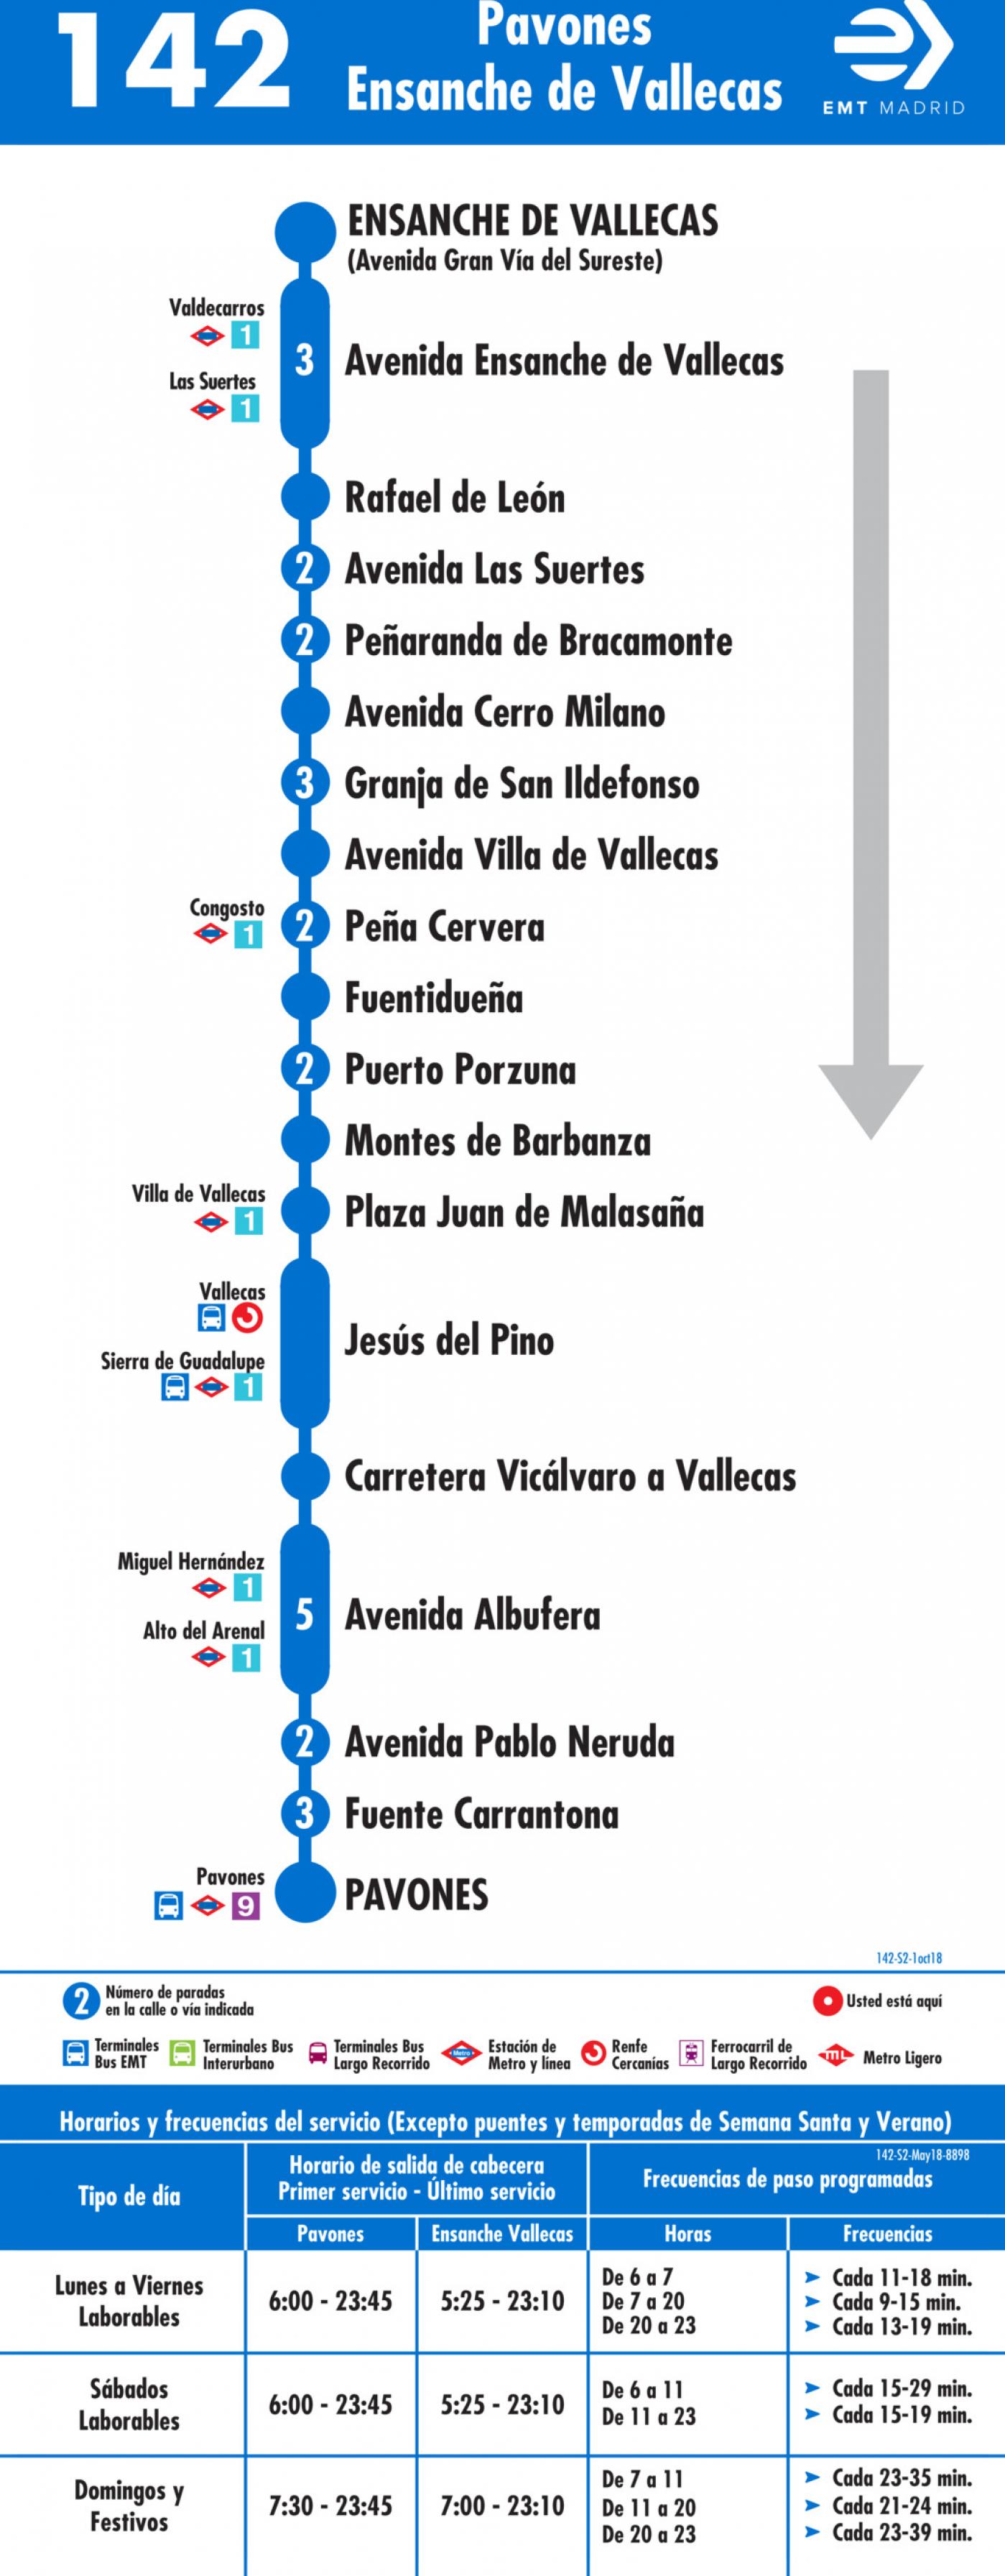 Tabla de horarios y frecuencias de paso en sentido vuelta Línea 142: Pavones - Ensanche de Vallecas